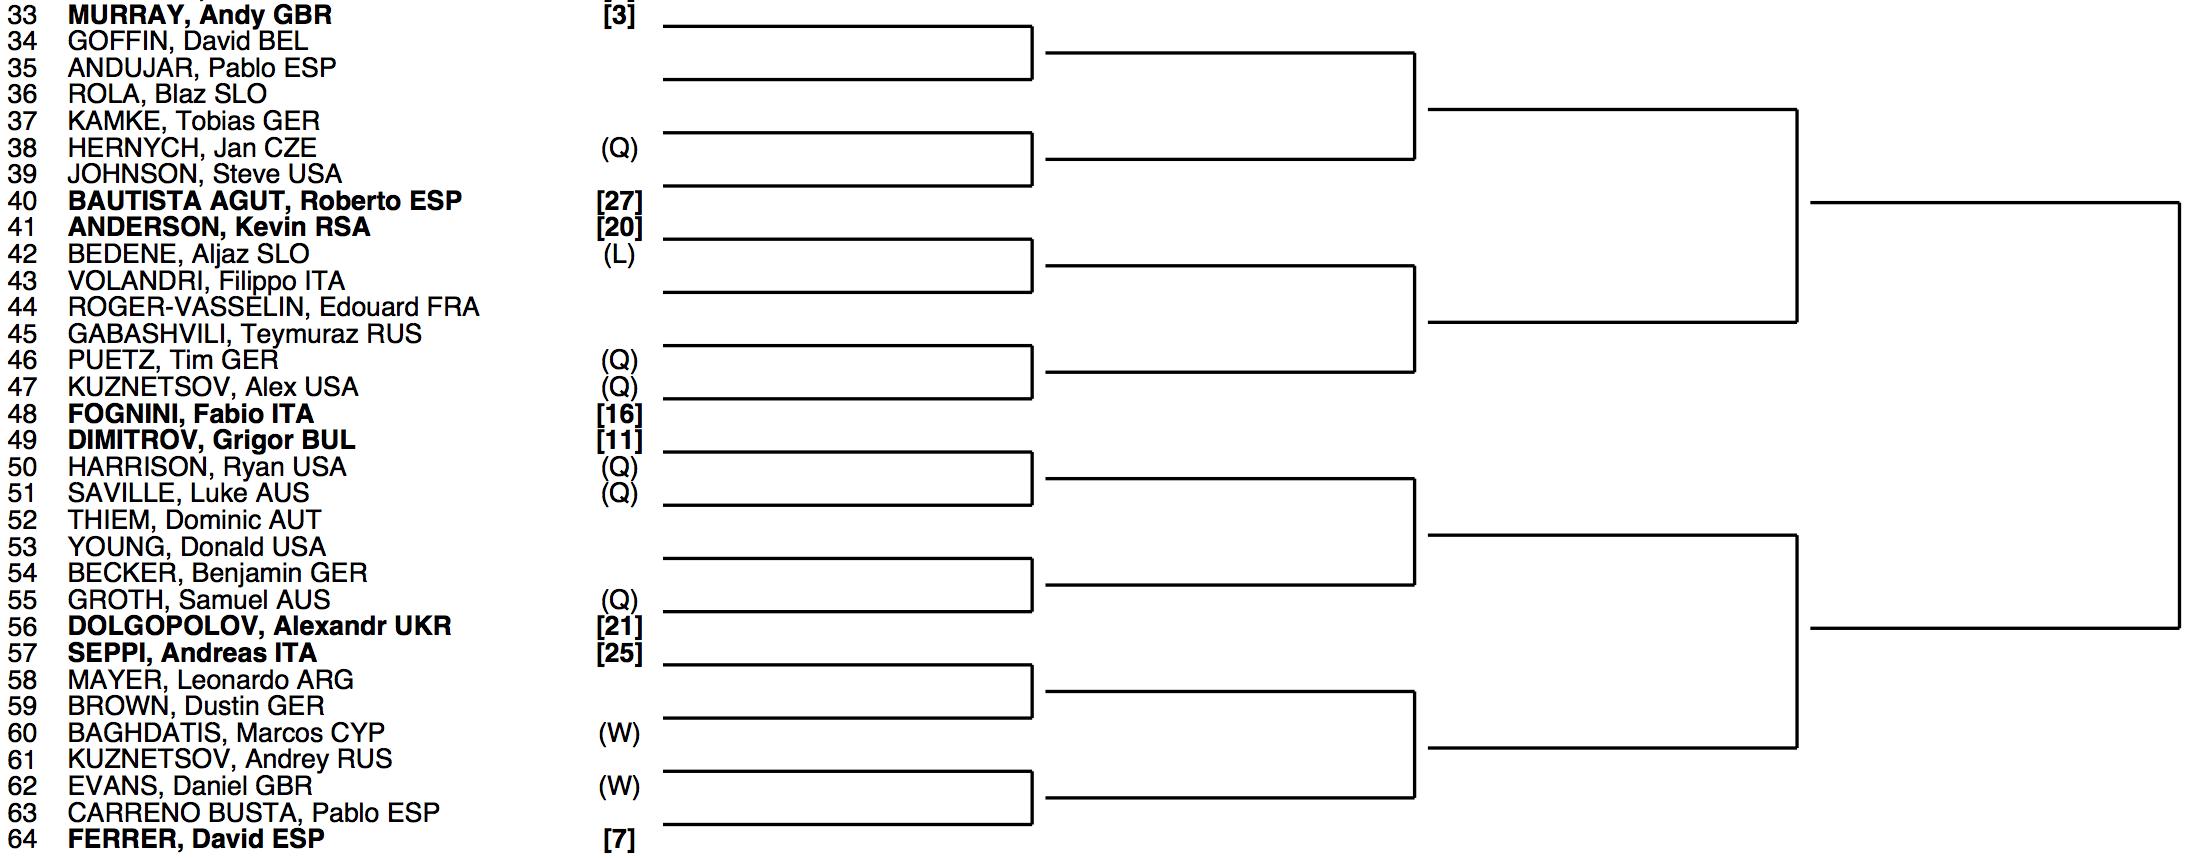 Wimbledon 2014 Draw 2:4 • FedFan